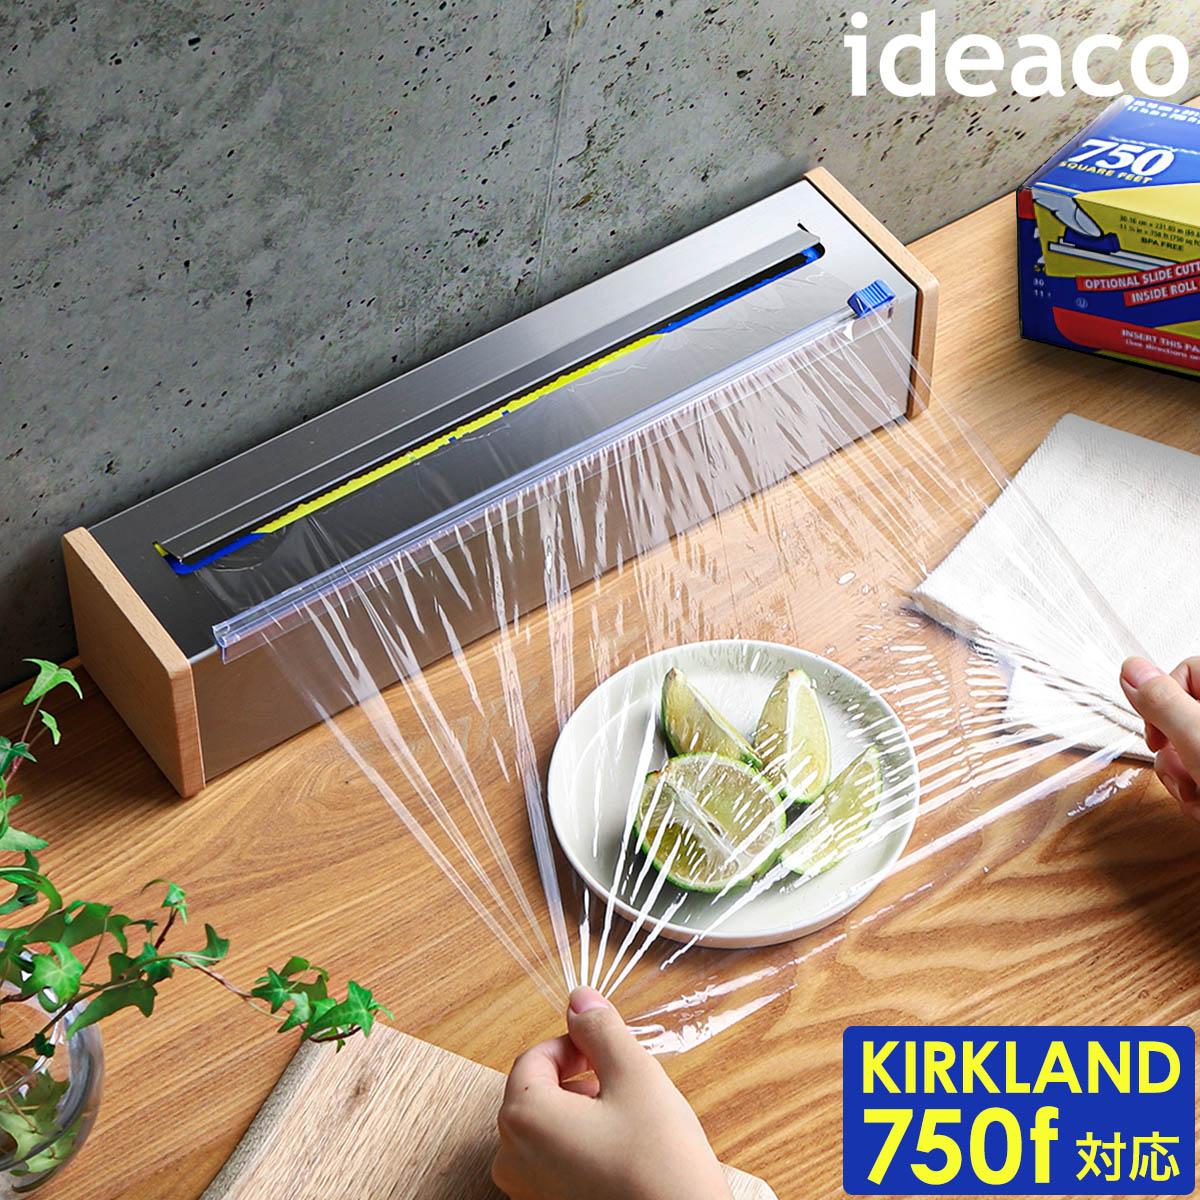 KIRKLAND Signatureのフードラップ(750フィート)を収納できるケース。ステンレスと天然木を組み合わせたデザインで、生活感を無くしてキッチンをスタイリッシュに演出します。 イデアコ コストコ ラップケース 日本製 カークランド KIRKLAND ラップホルダー METAL FACTORY ラップ 収納 おしゃれ 天然木 キッチン収納 ステンレス 業務用 ストレッチタイト フードラップ 231m ギフト 新生活【送料無料】[ ideaco Wrap case 750f ]